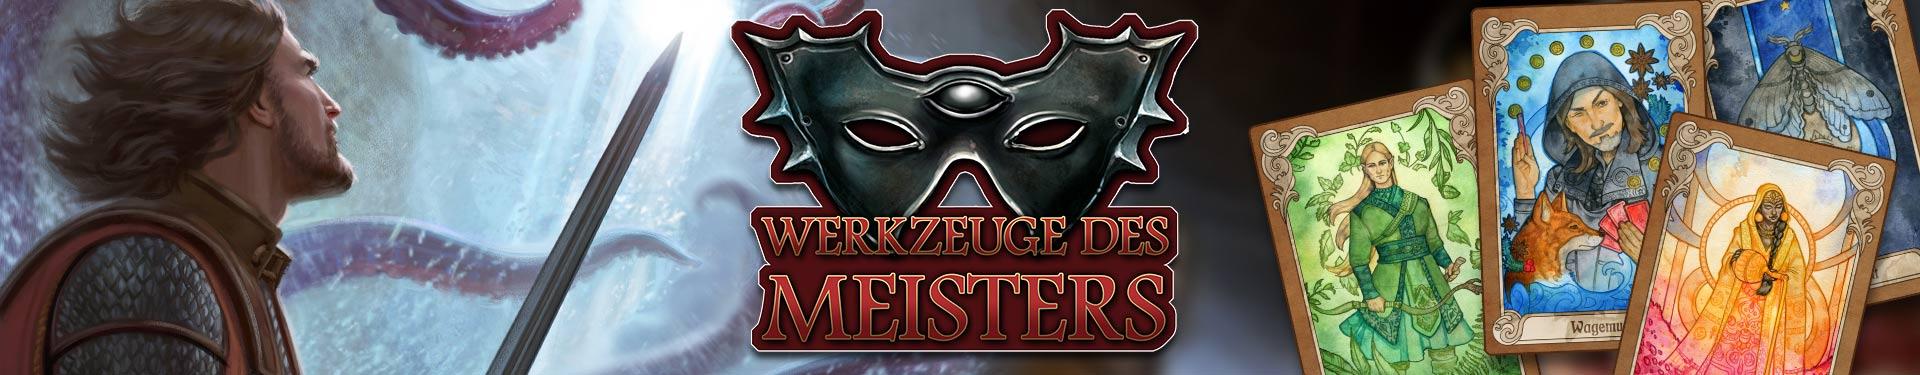 WERKZEUGE DES MEISTERS (Ulisses Spiele)